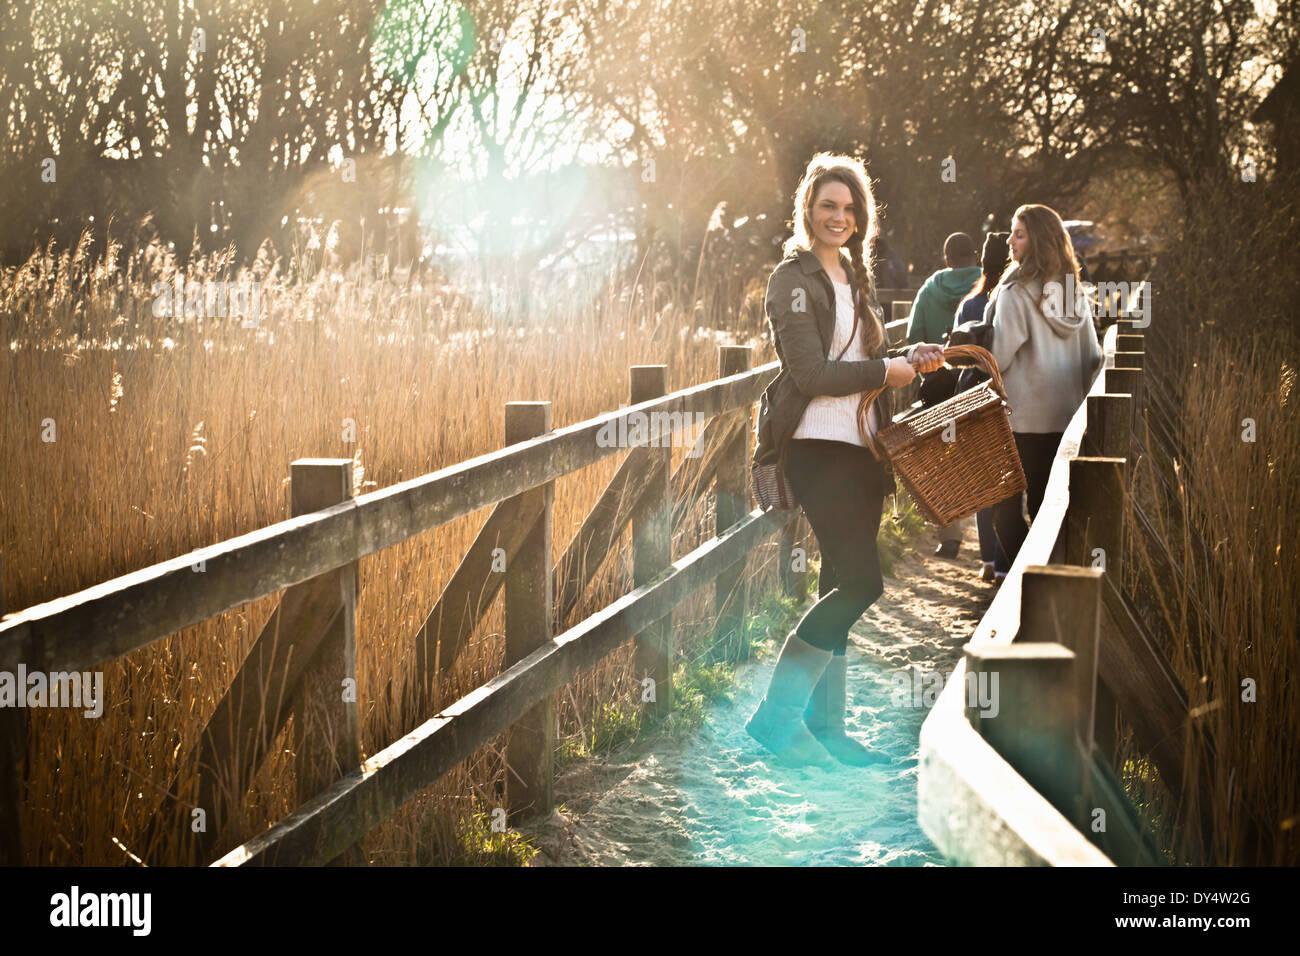 Adultos jóvenes amigos llevar cesta de picnic a lo largo de la pasarela Imagen De Stock